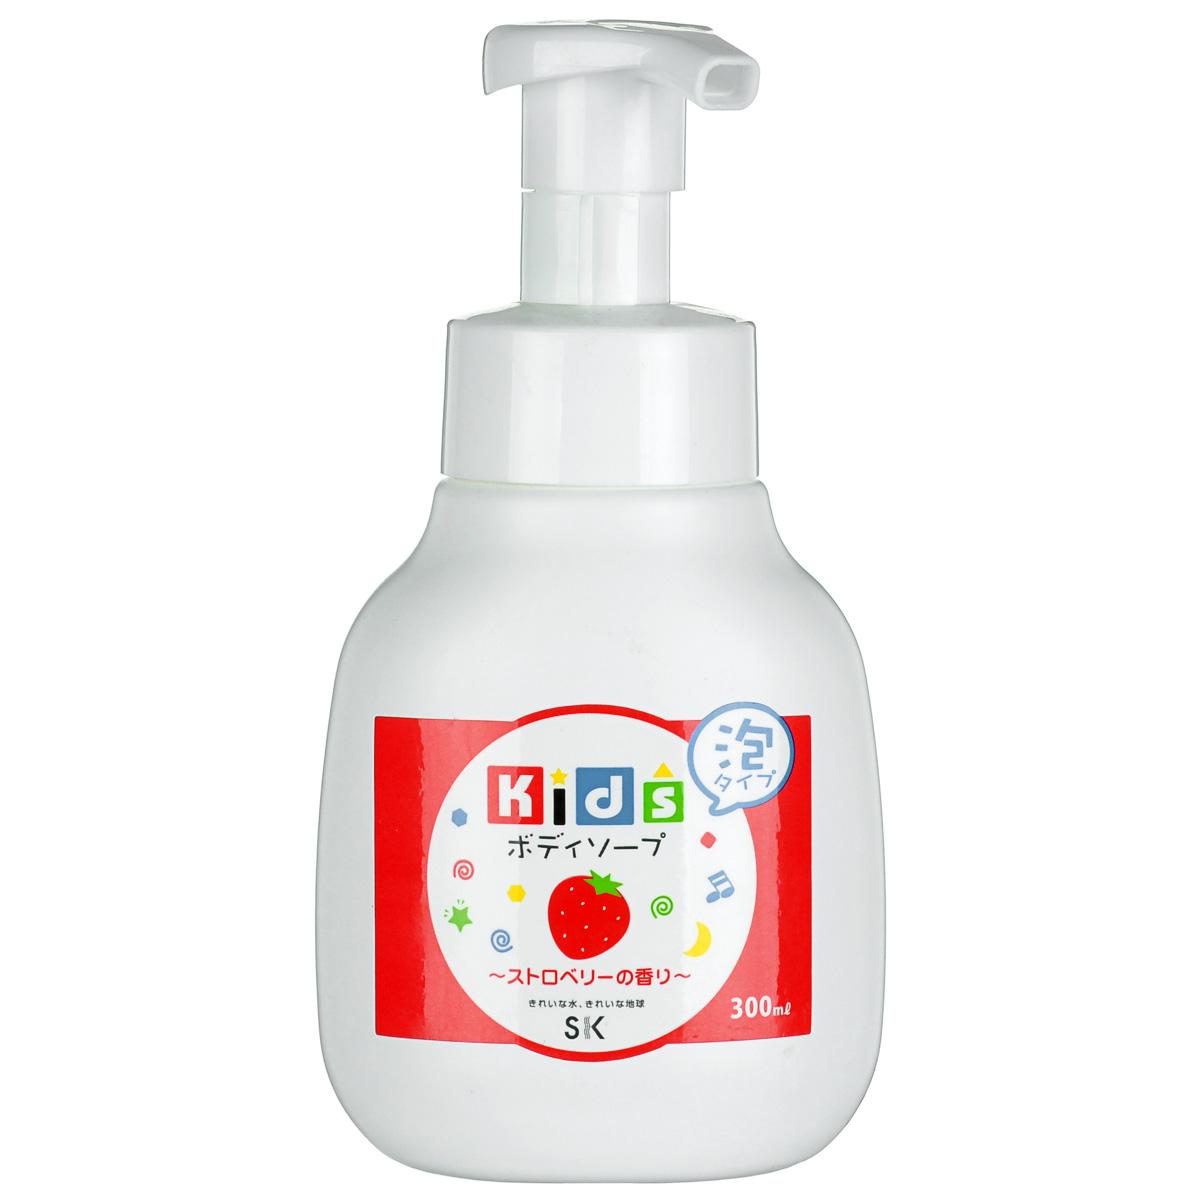 SK Kids Детское пенное мыло для тела с ароматом клубники, 300 млА502004Воздушное детское пенное мыло порадует вашего малыша сочным ароматом клубники и мыльными пузырьками! Очищает детскую кожу и обеспечивает полноценный уход за ней. Средство абсолютно безопасно. Экстракт клубники, в составе пенки, увлажнит и окажет противовоспалительное действие на нежную кожу. Не содержит ПАВ, искусственных красителей, ароматизаторов, антиоксидантов, поэтому мыло необходимо хранить в местах, защищенных от прямых солнечных лучей, высокой температуры и влажности. Проверено дерматологами.